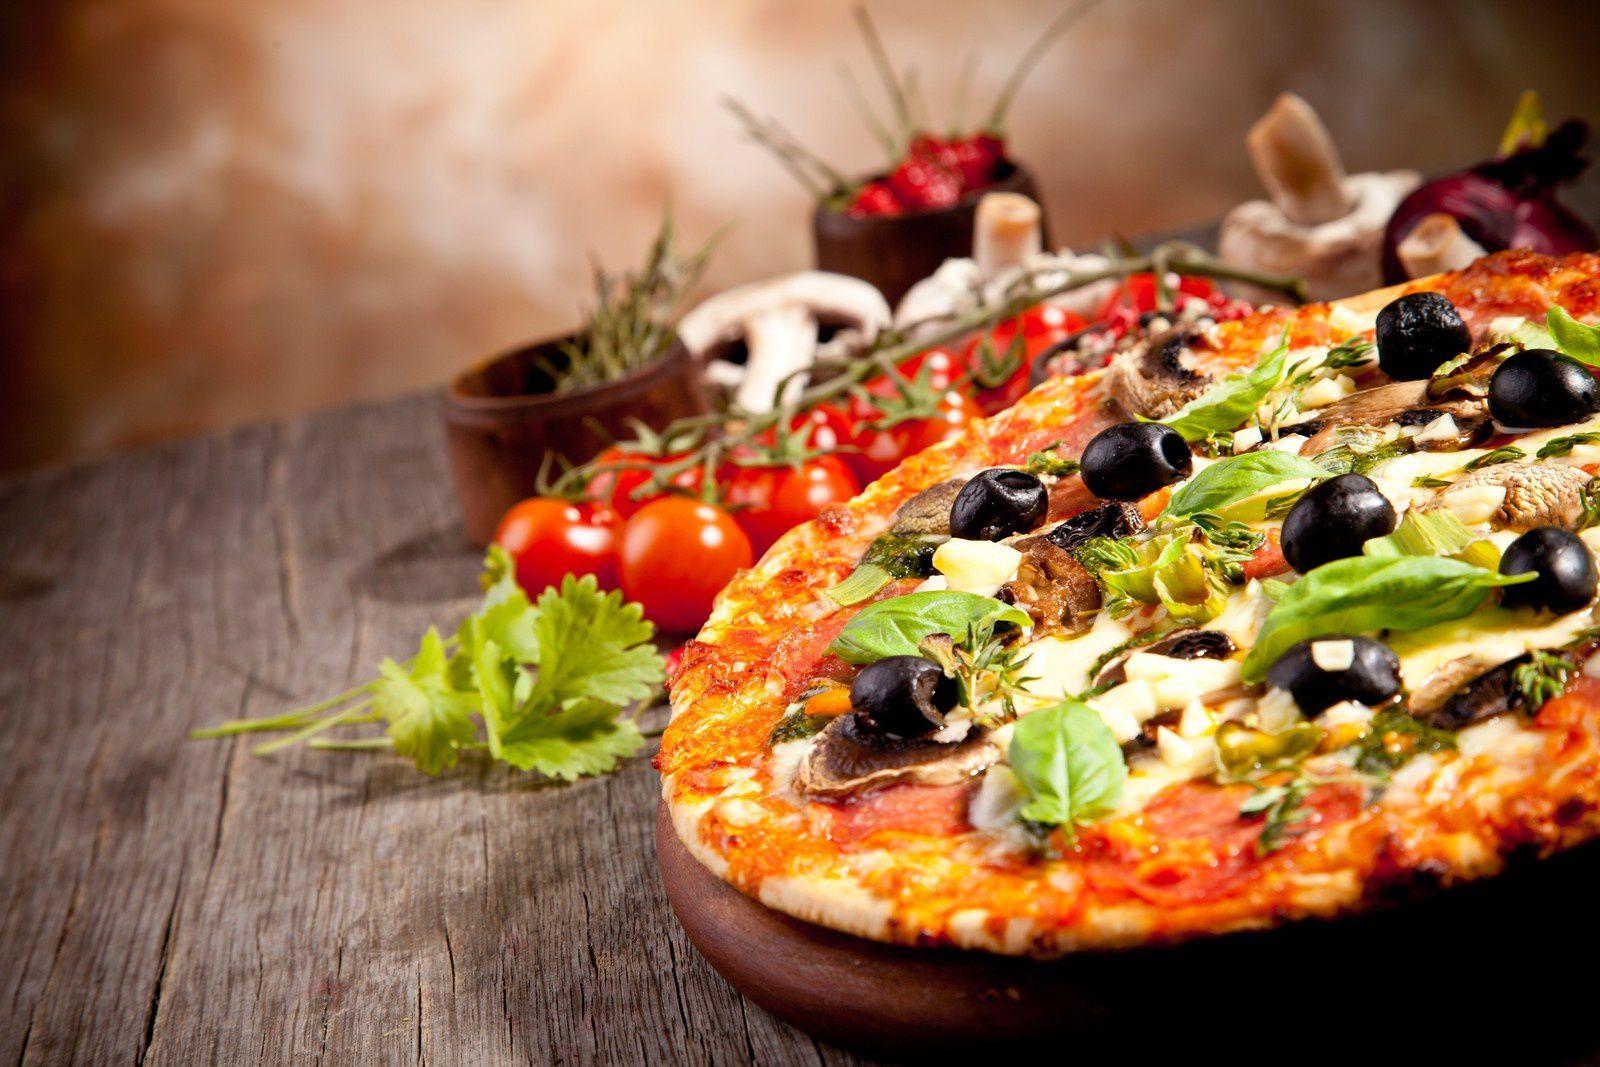 Bon appétit - Pizzas - Nourriture - Wallpaper - Free